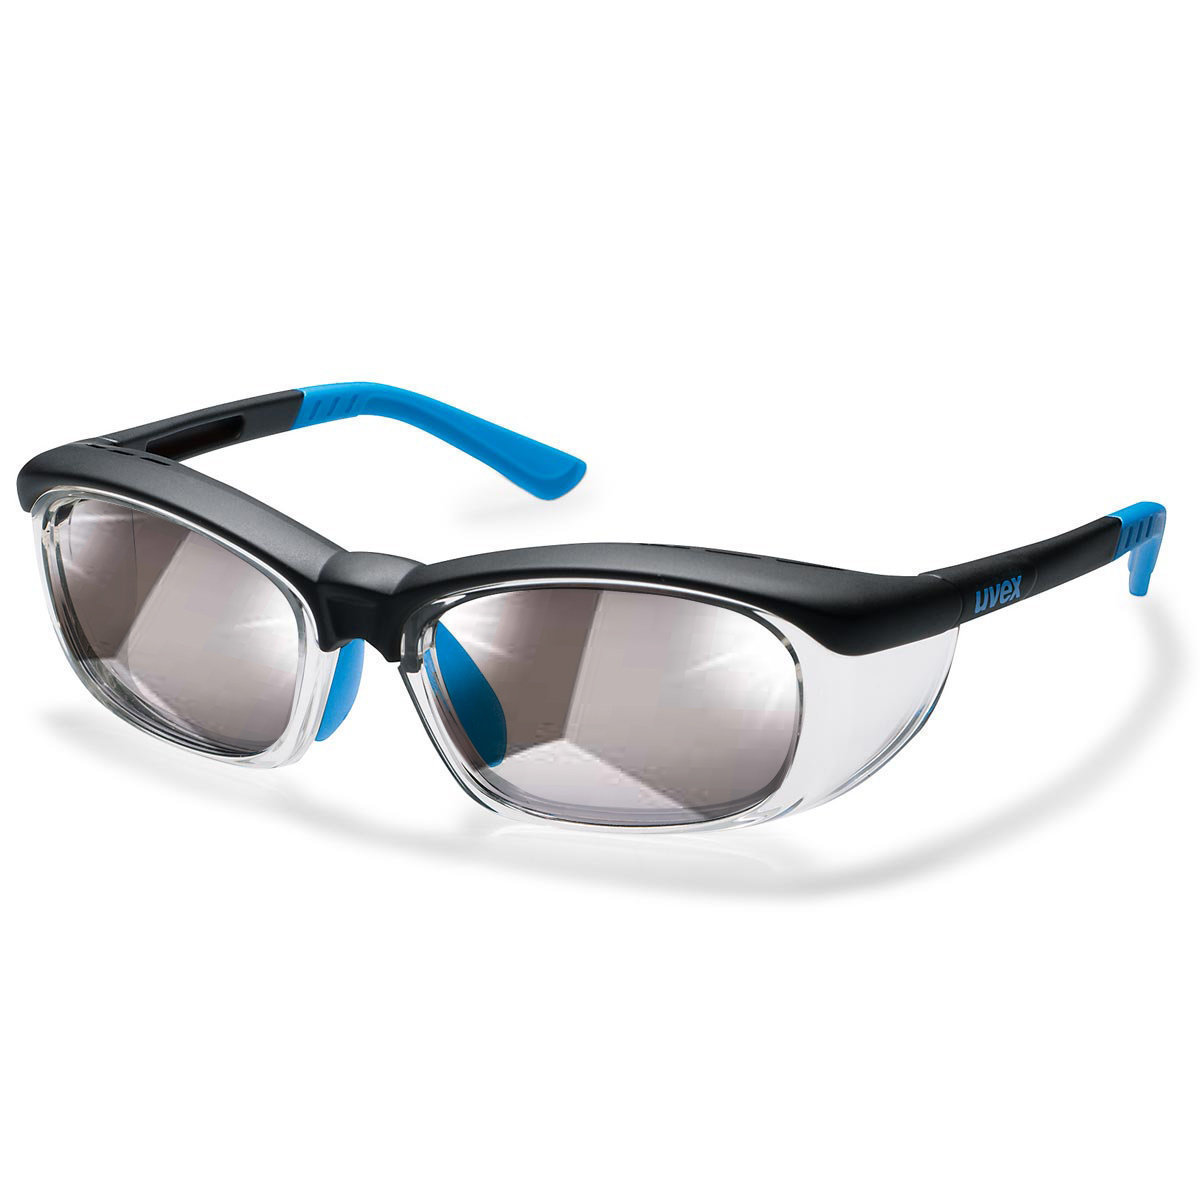 Uvex Korrektionsschutzbrille RX cd 5514 - Selbsttönend